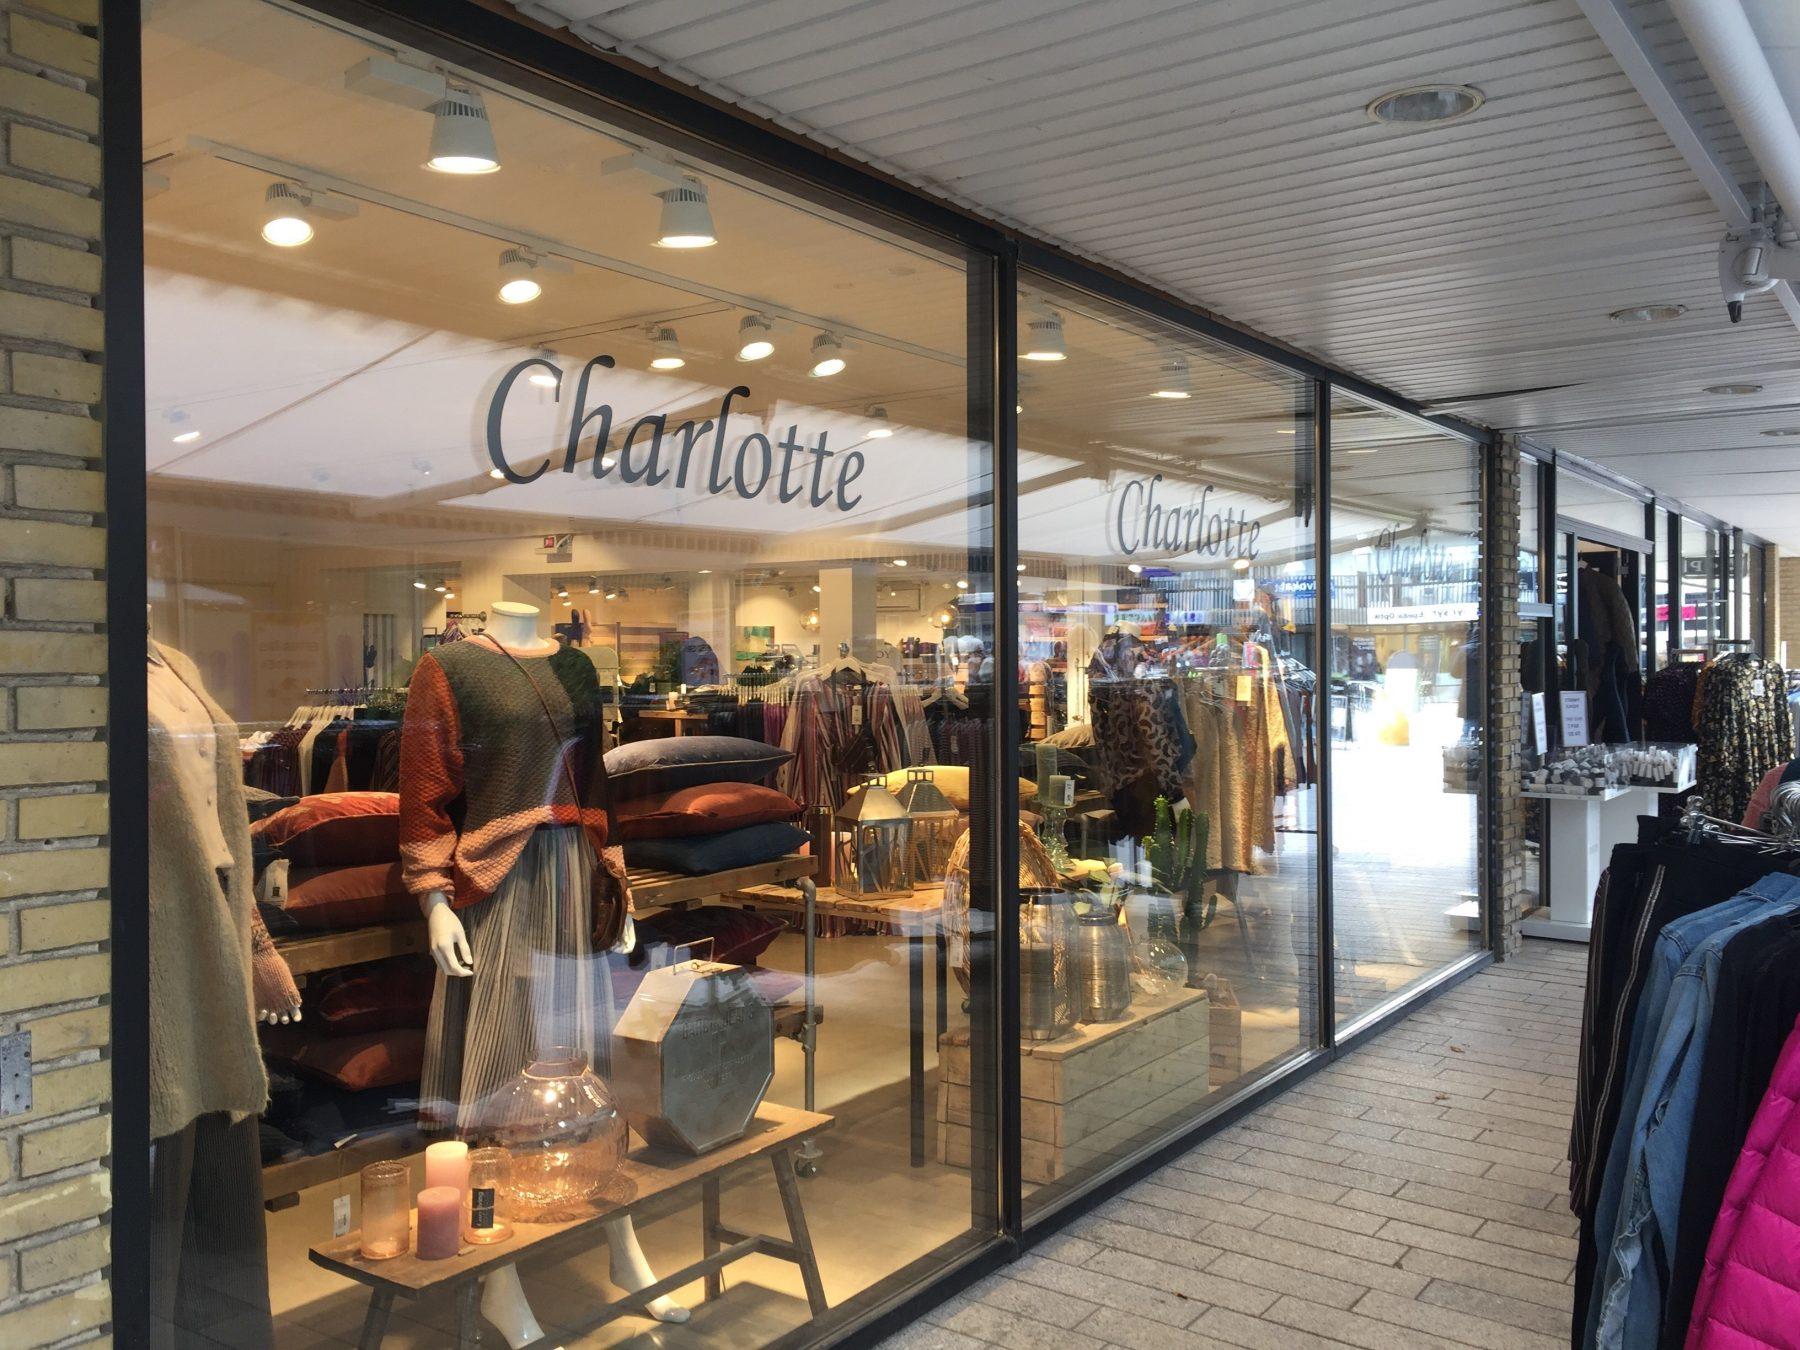 Butik Charlotte i Egedal Centret - Vores Egedal